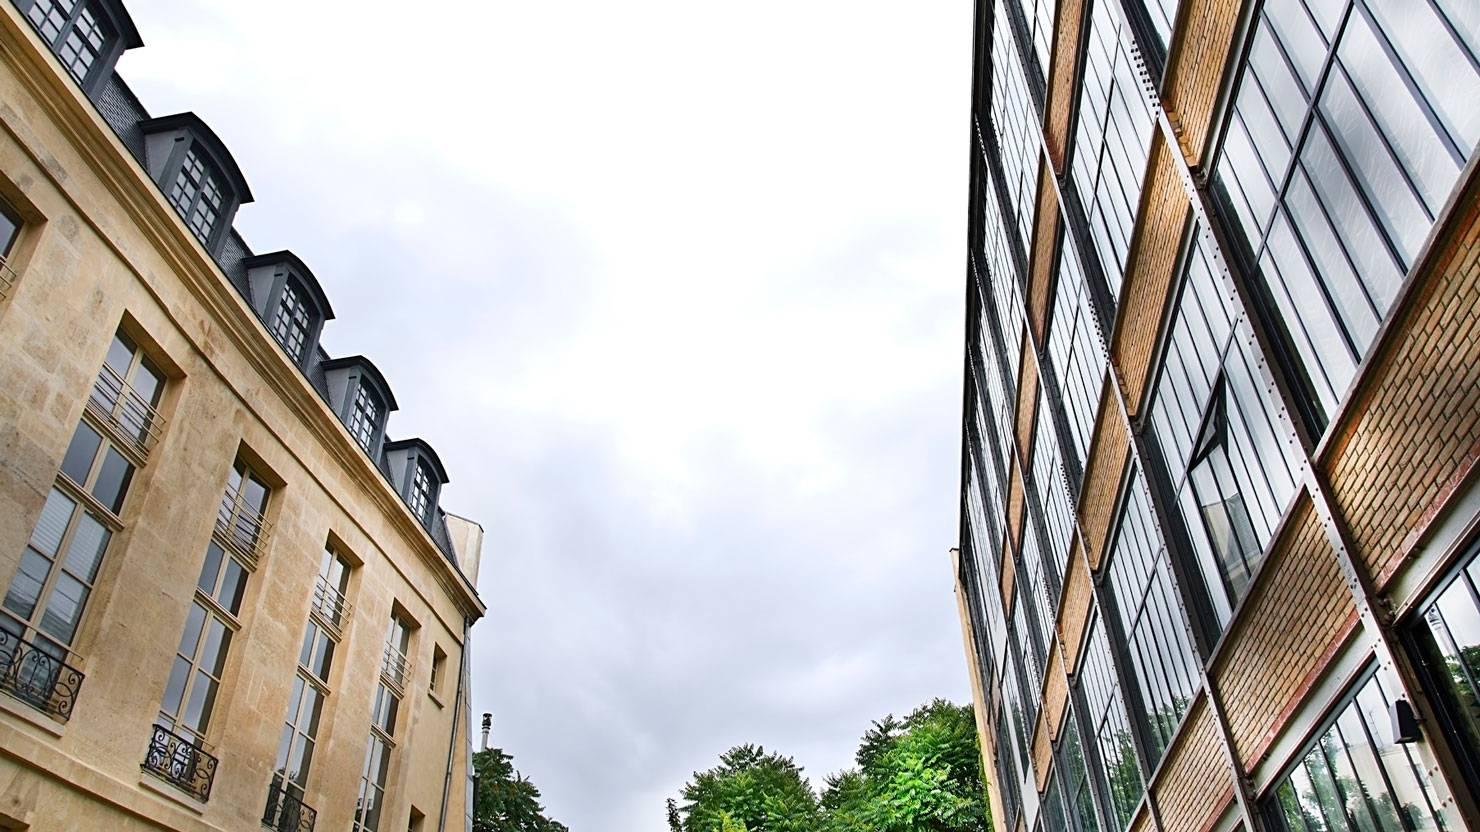 OS265-acciaio-zincato-serramenti-facciata-atelier-monchecourt-and-co-6_project_big